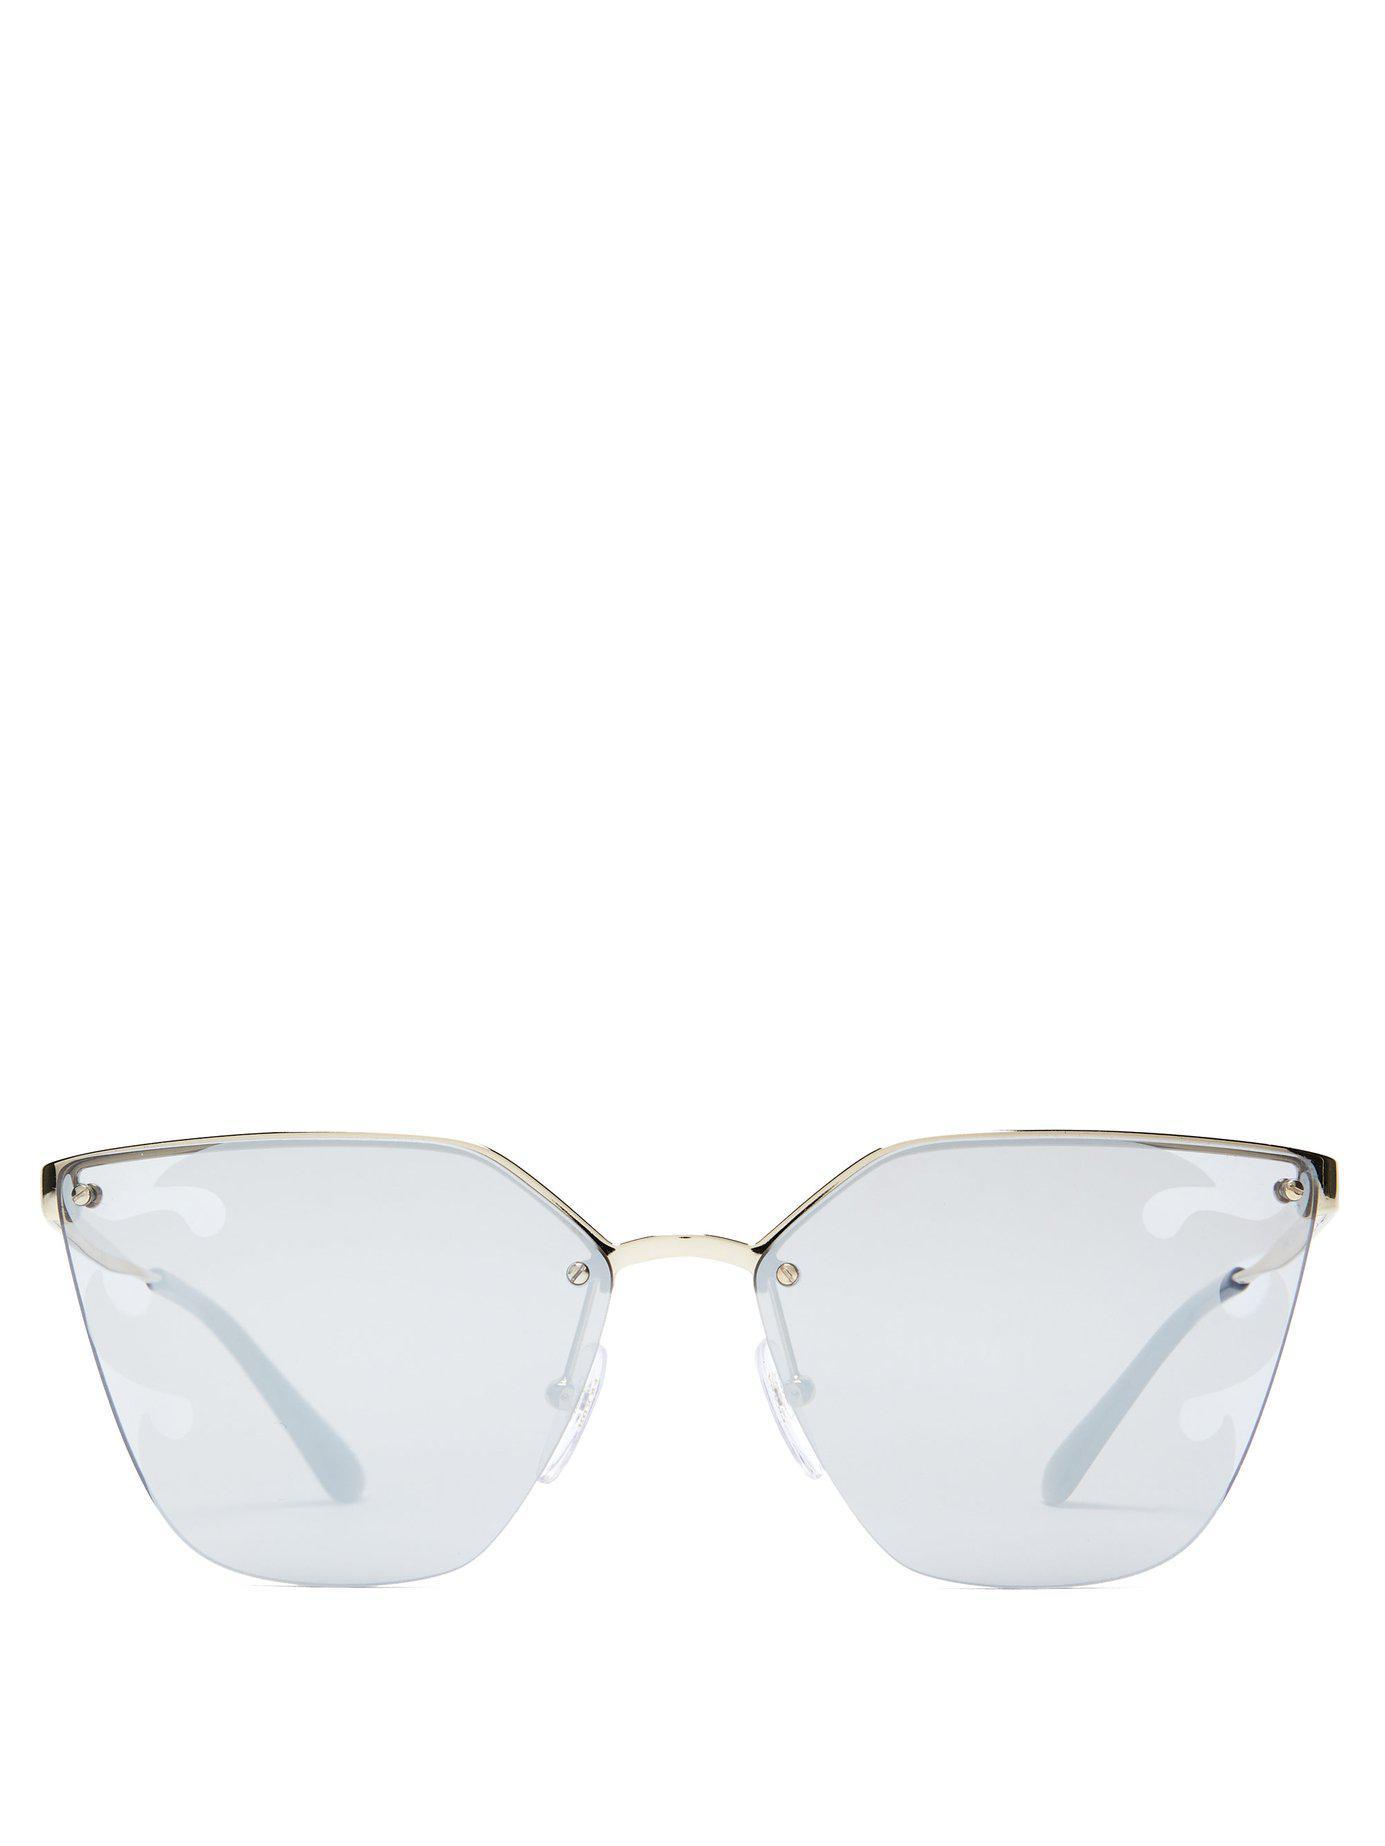 e72c26e8bce Lyst - Prada Mirrored Flame Cat Eye Sunglasses in Black